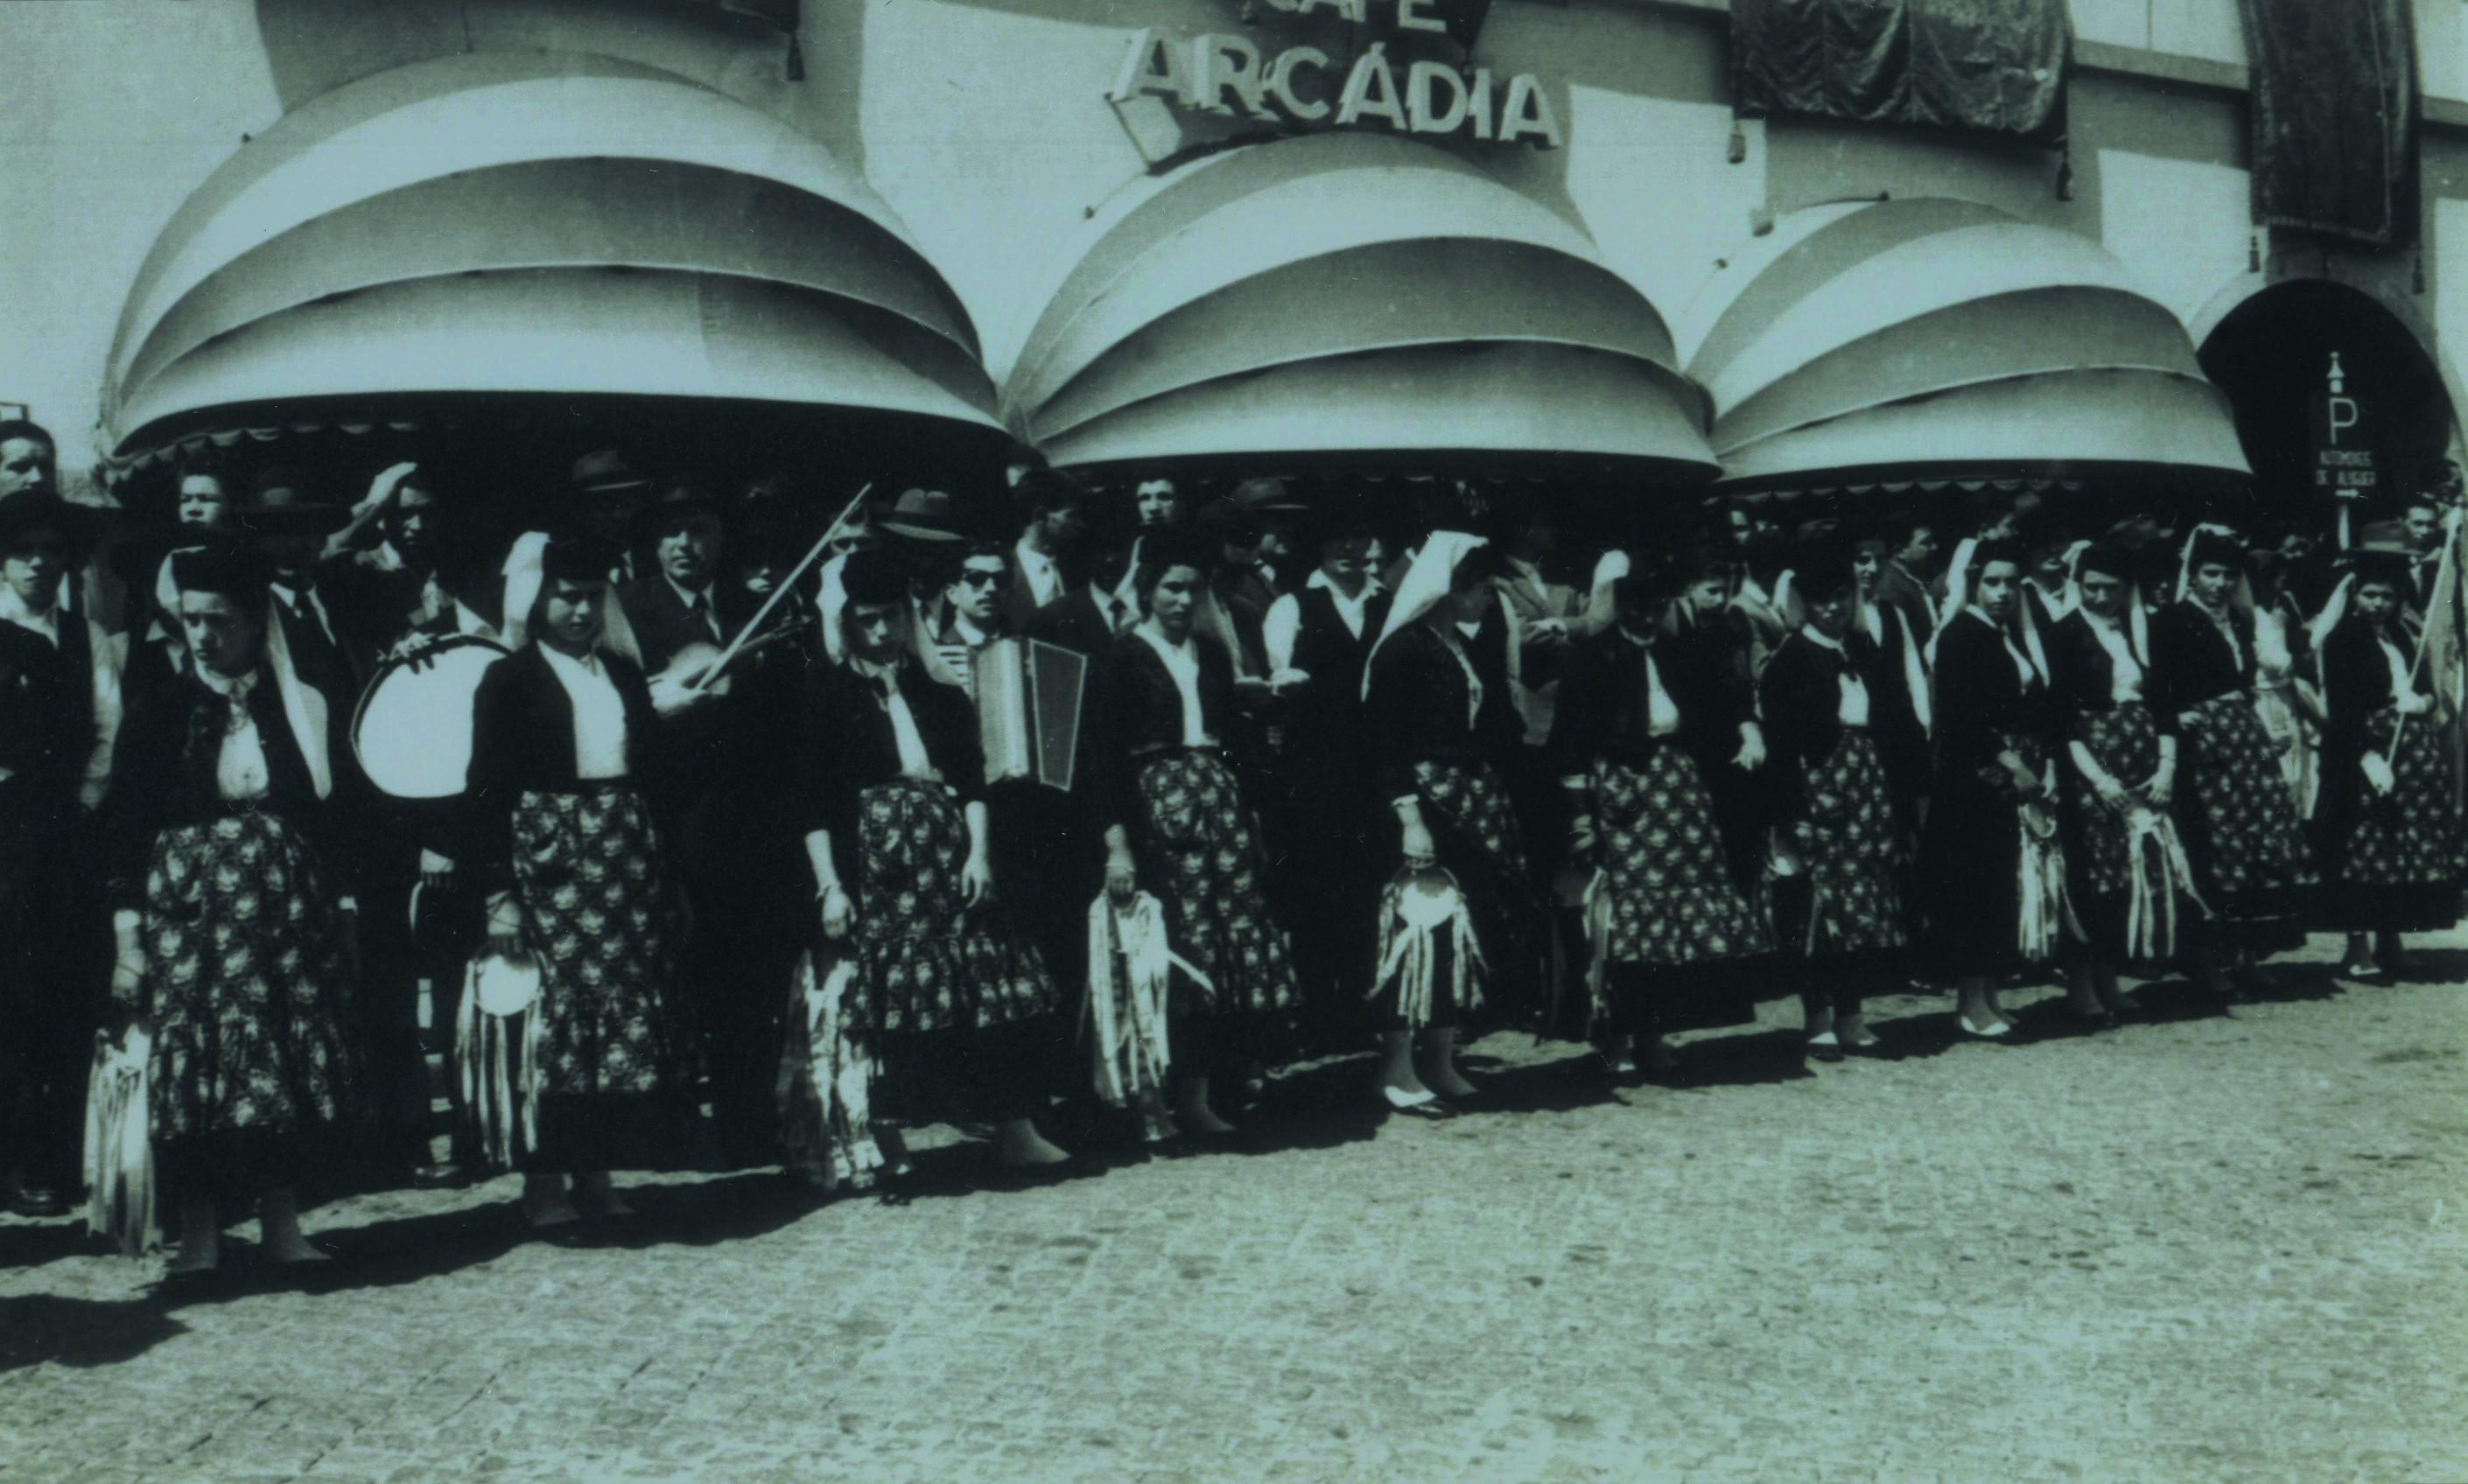 Rancho Folclórico Ceifeiras (Fajões), em frente ao café Arcádia em Oliveira de Azeméis (Anos 60)